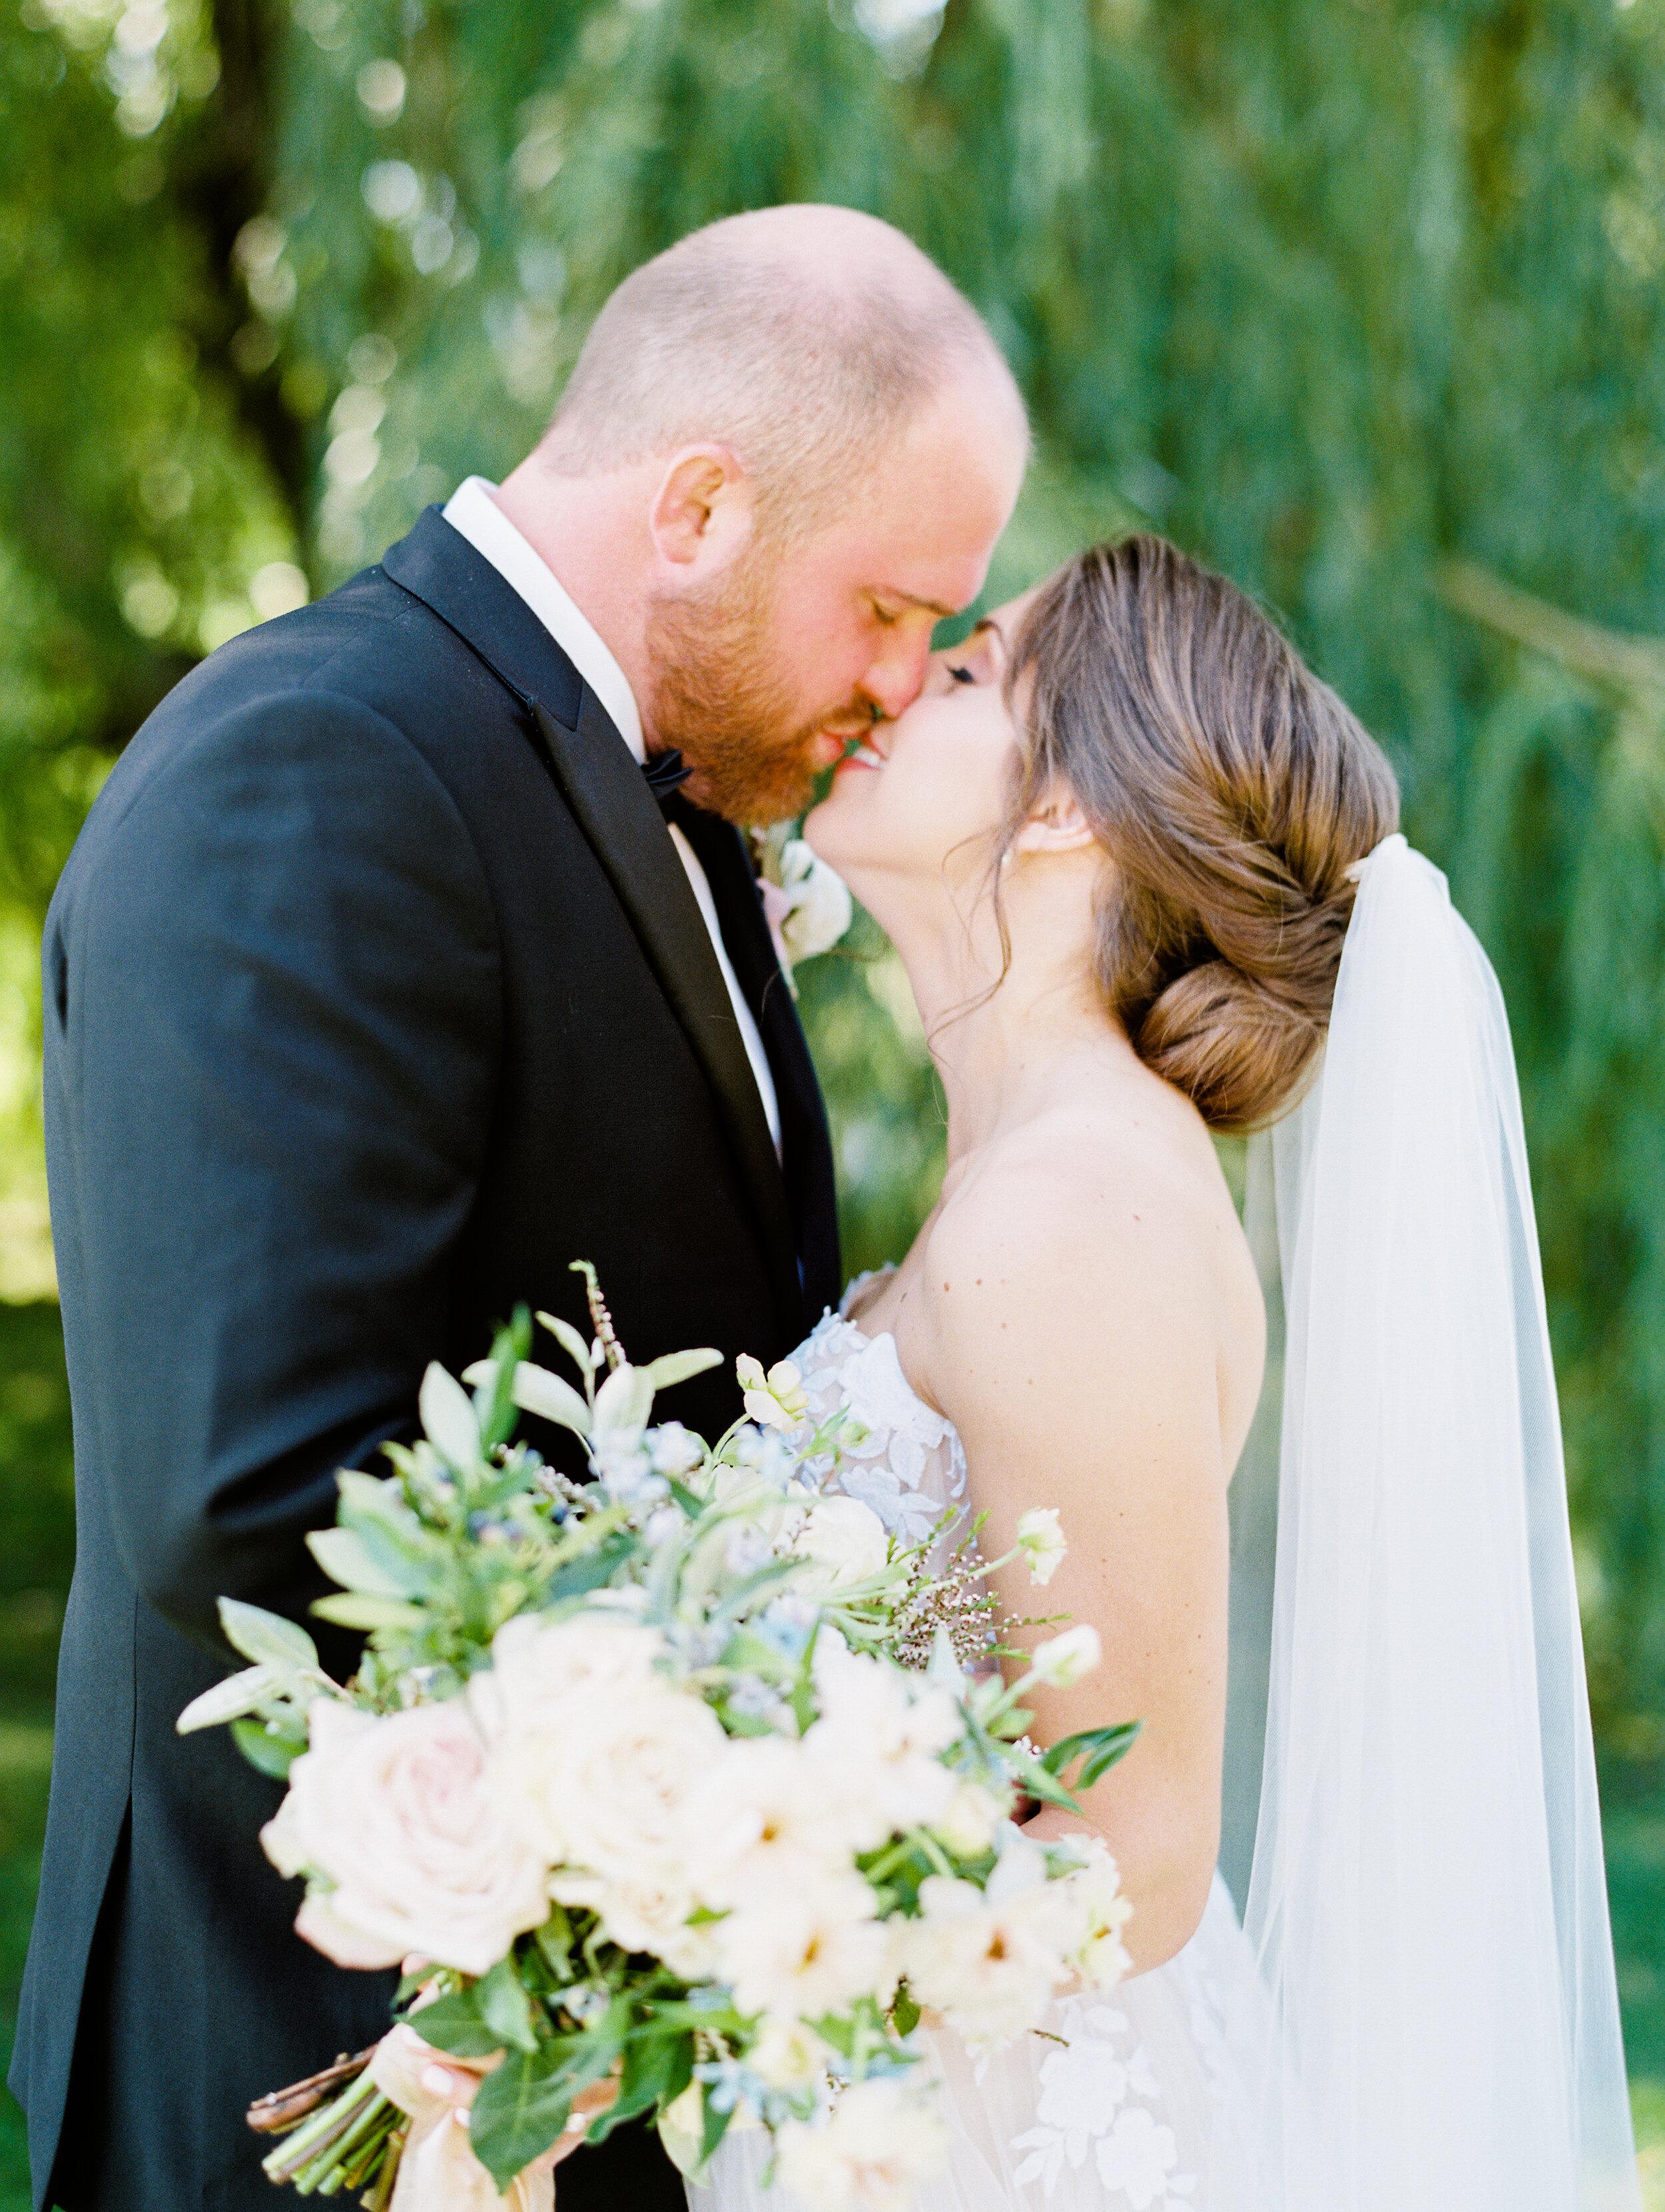 Steinlage+Wedding+First+Look-23.jpg